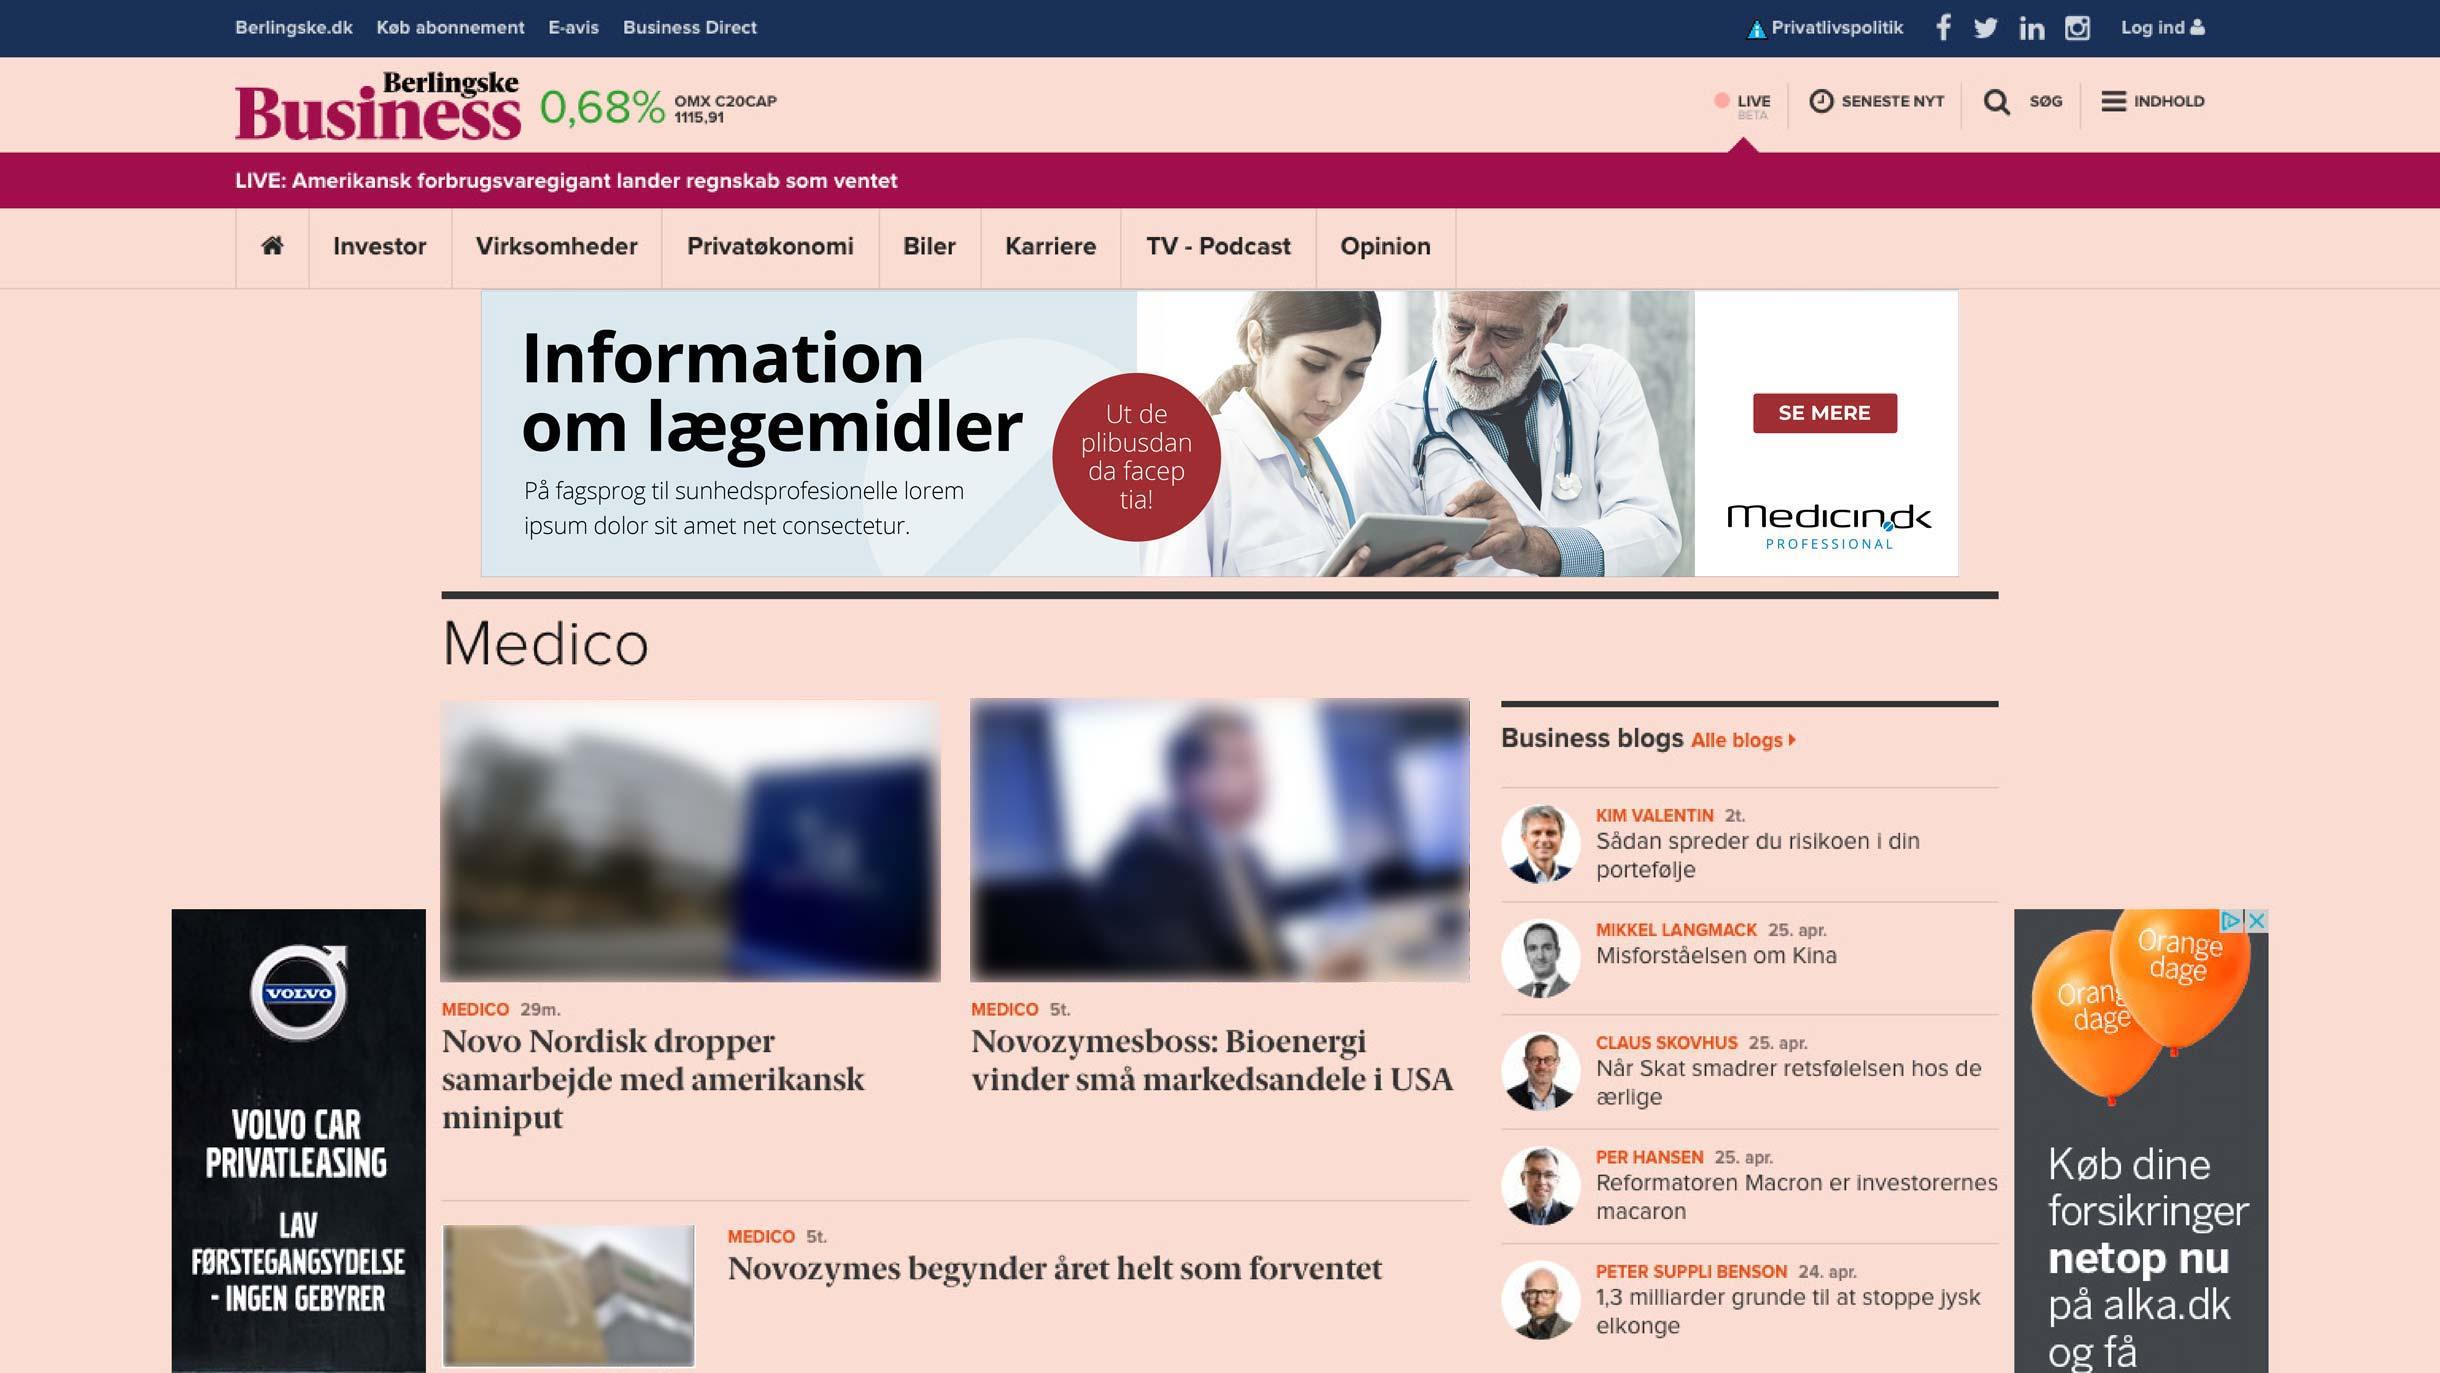 medicin.dk_ID10-1